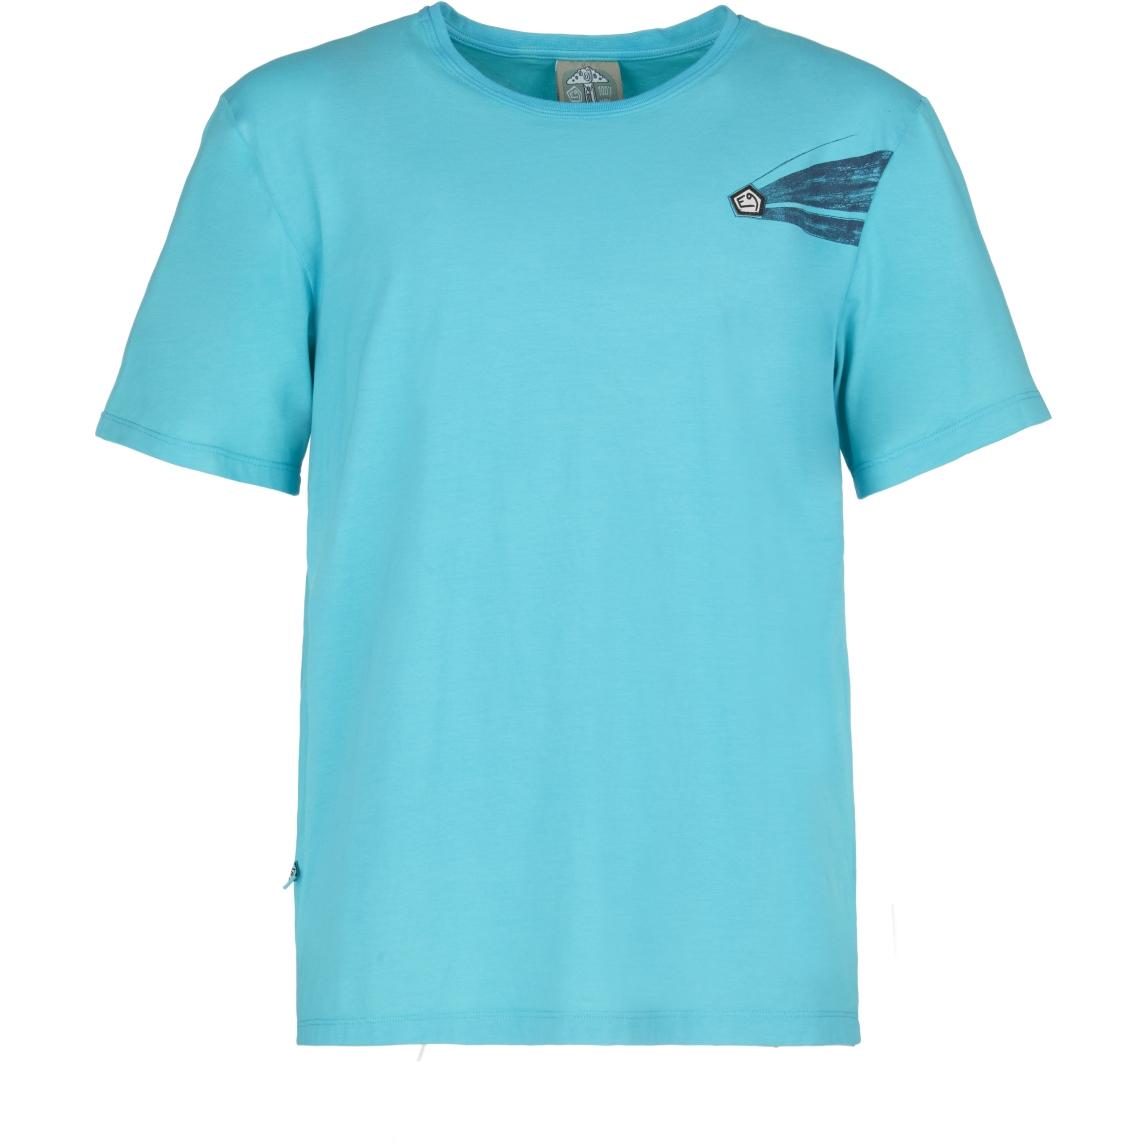 E9 Moveone2.1 T-Shirt - Emerald